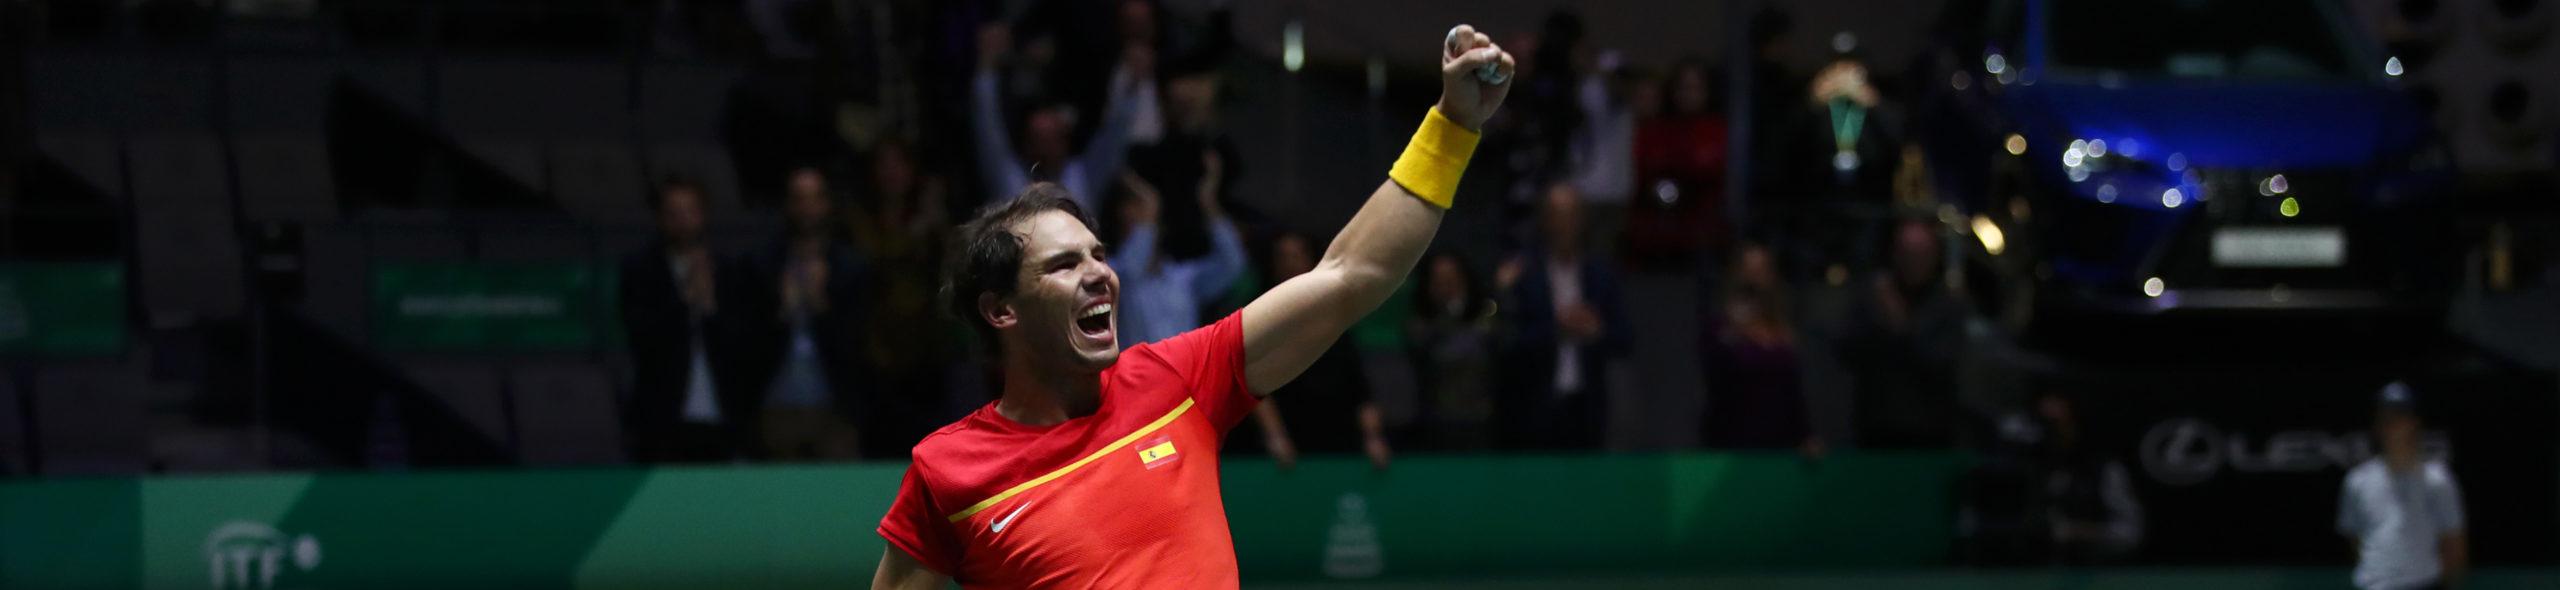 Coppa Davis: Spagna ovvia favorita, ma il format potrebbe strizzare l'occhio al Canada